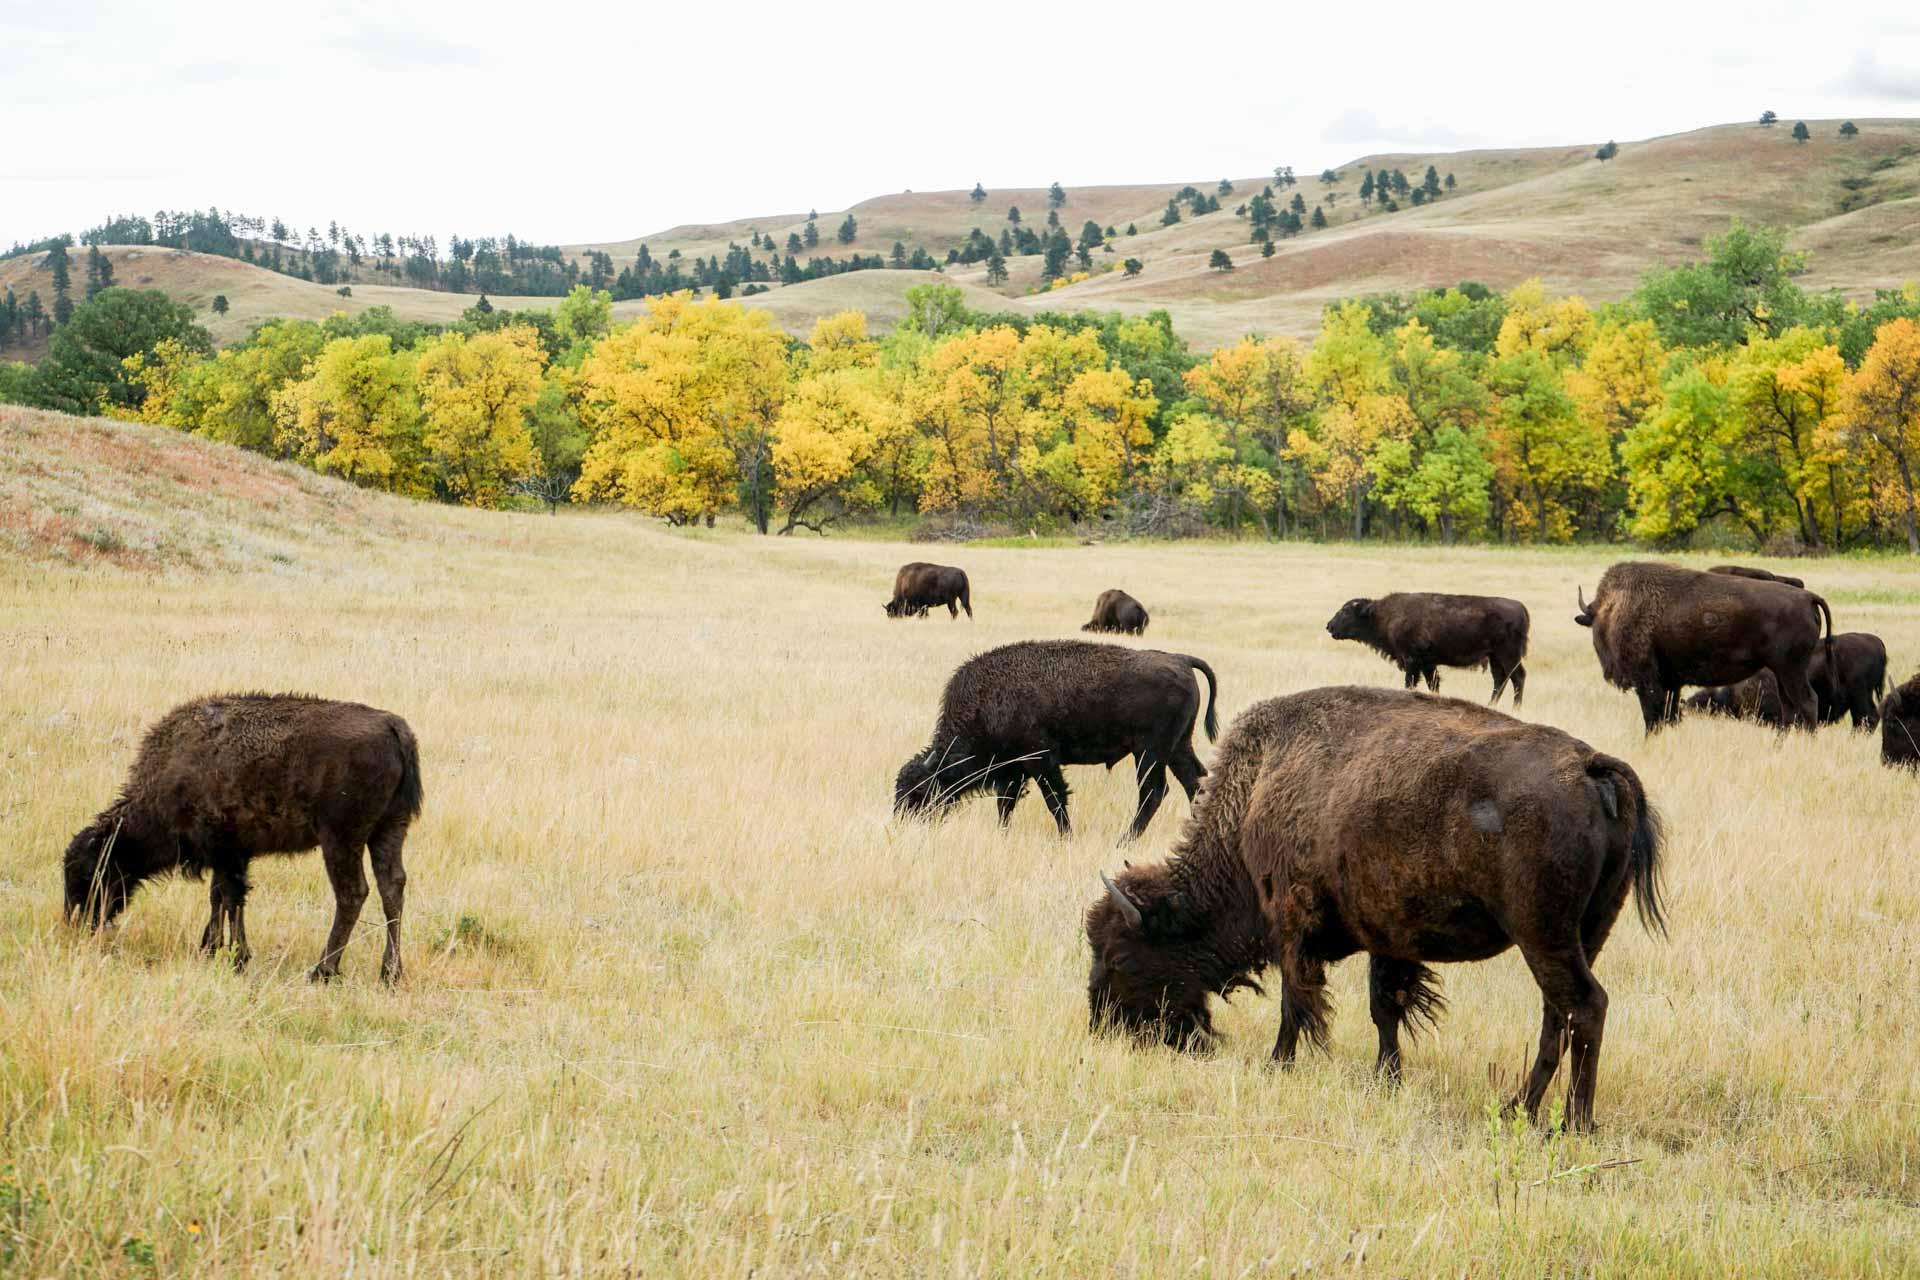 <p>Si vous n&#39;avez jamais songé à passer vos vacances dans le Dakota du Sud, ce qui va suivre pourrait vous faire changer d&#39;avis ! Du mythique Mount Rushmore aux splendeurs du Custer State Park, en passant par les paysages irréels des Badlands, le South Dakota mérite amplement un long détour.</p>